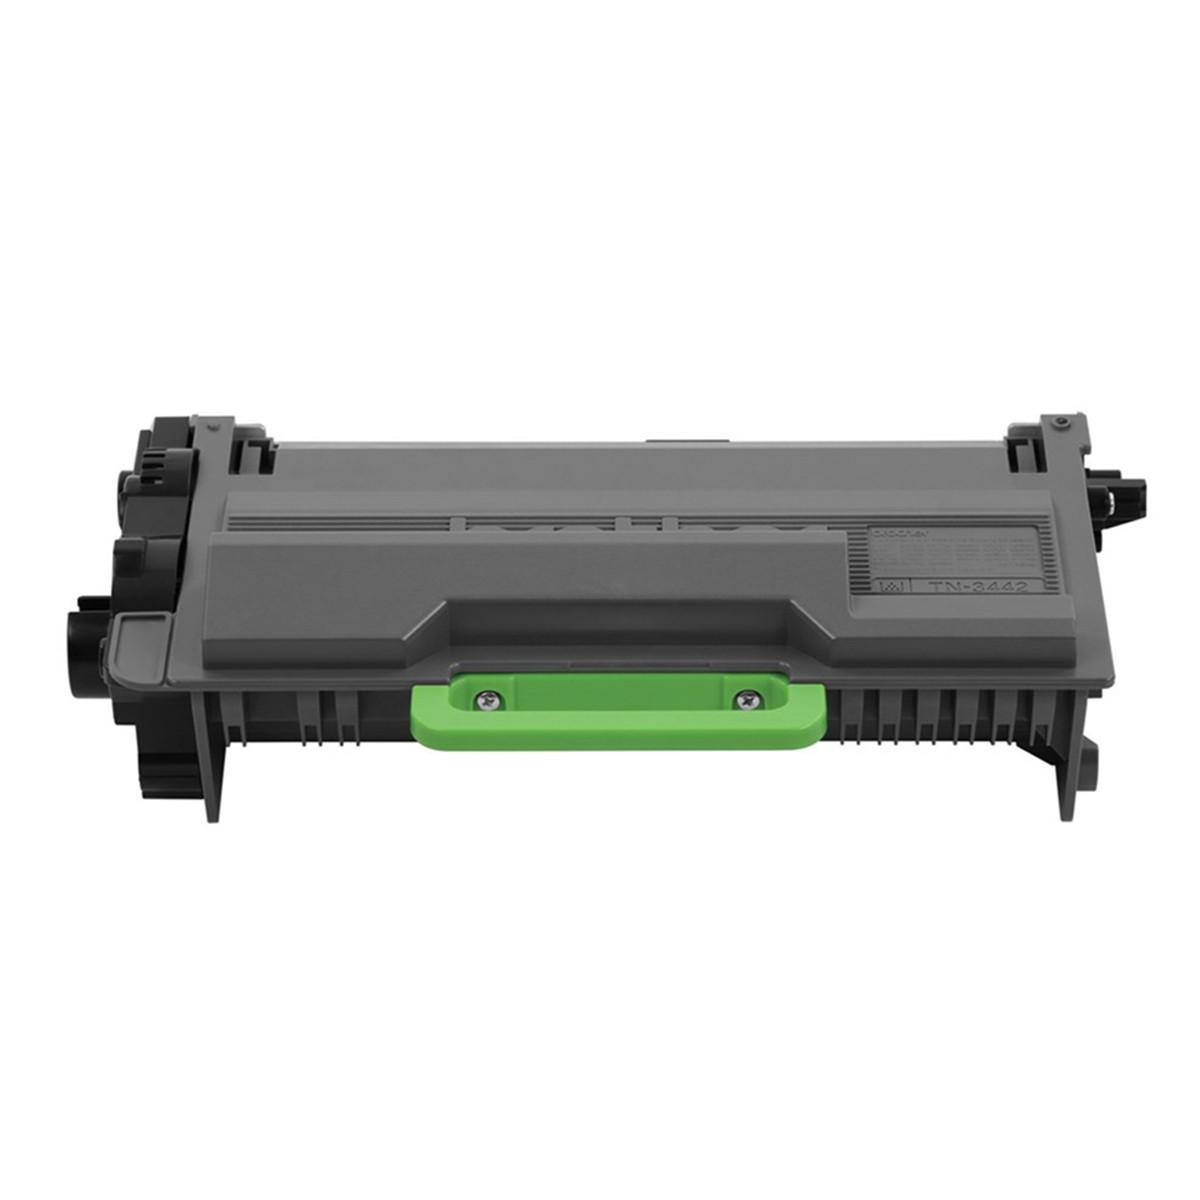 Toner Compatível com Brother TN850 TN850BR | HL-L5100DN DCP-L5500DN DCP-L5650DN | Premium 8k